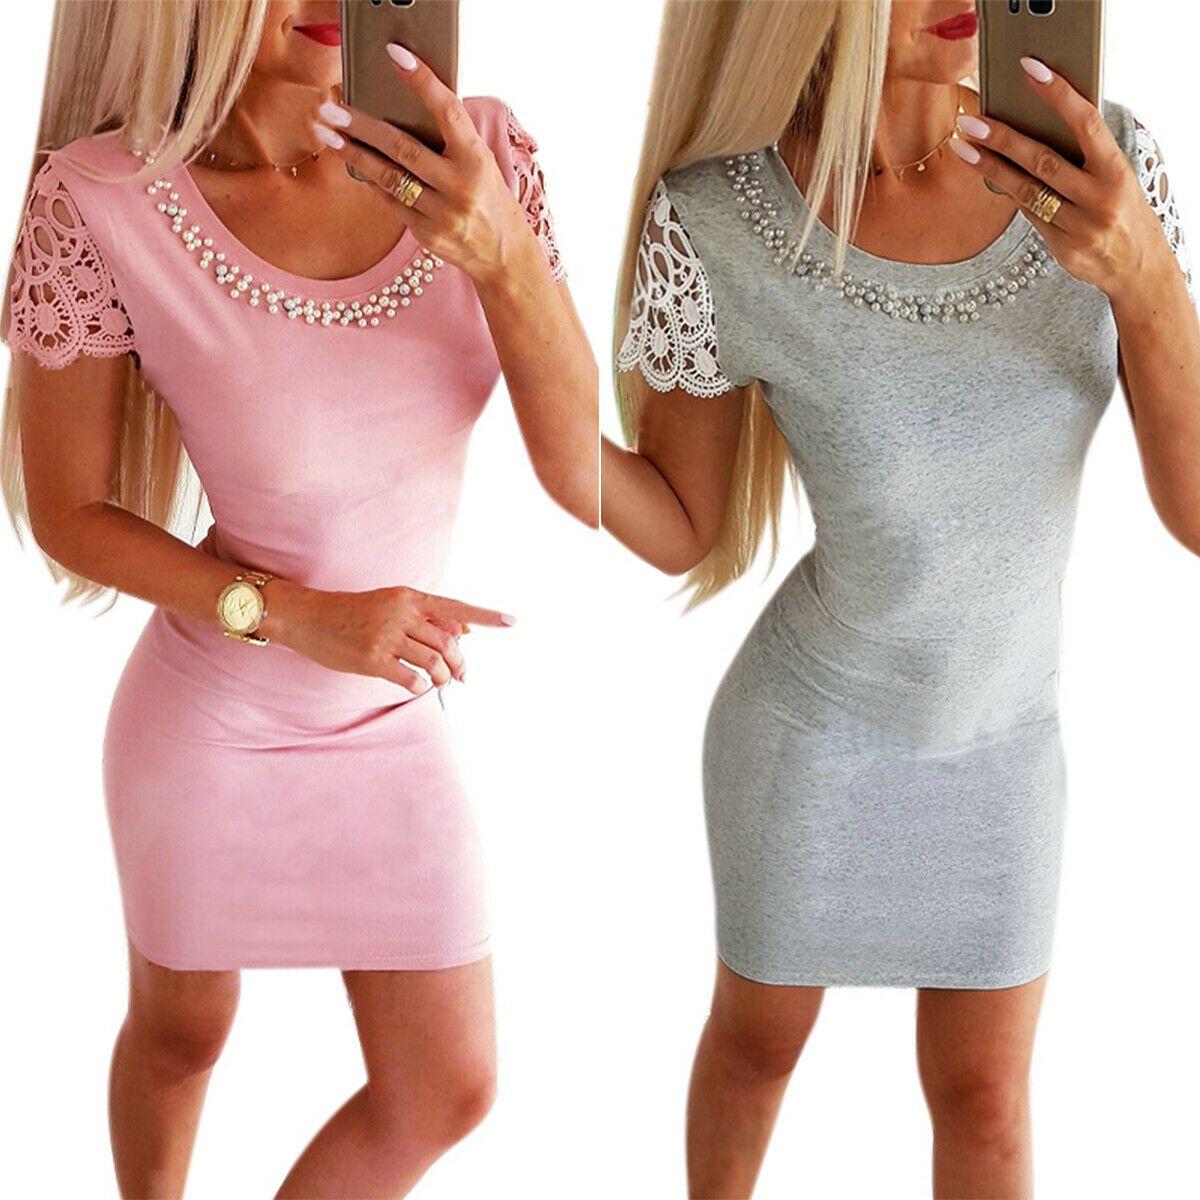 Damen Perlen Abendkleid Minikleid Bodycon Kleider Party Cocktailkleid Ballkleid In 2020 Bodycon Kleider Abendkleid Minikleid